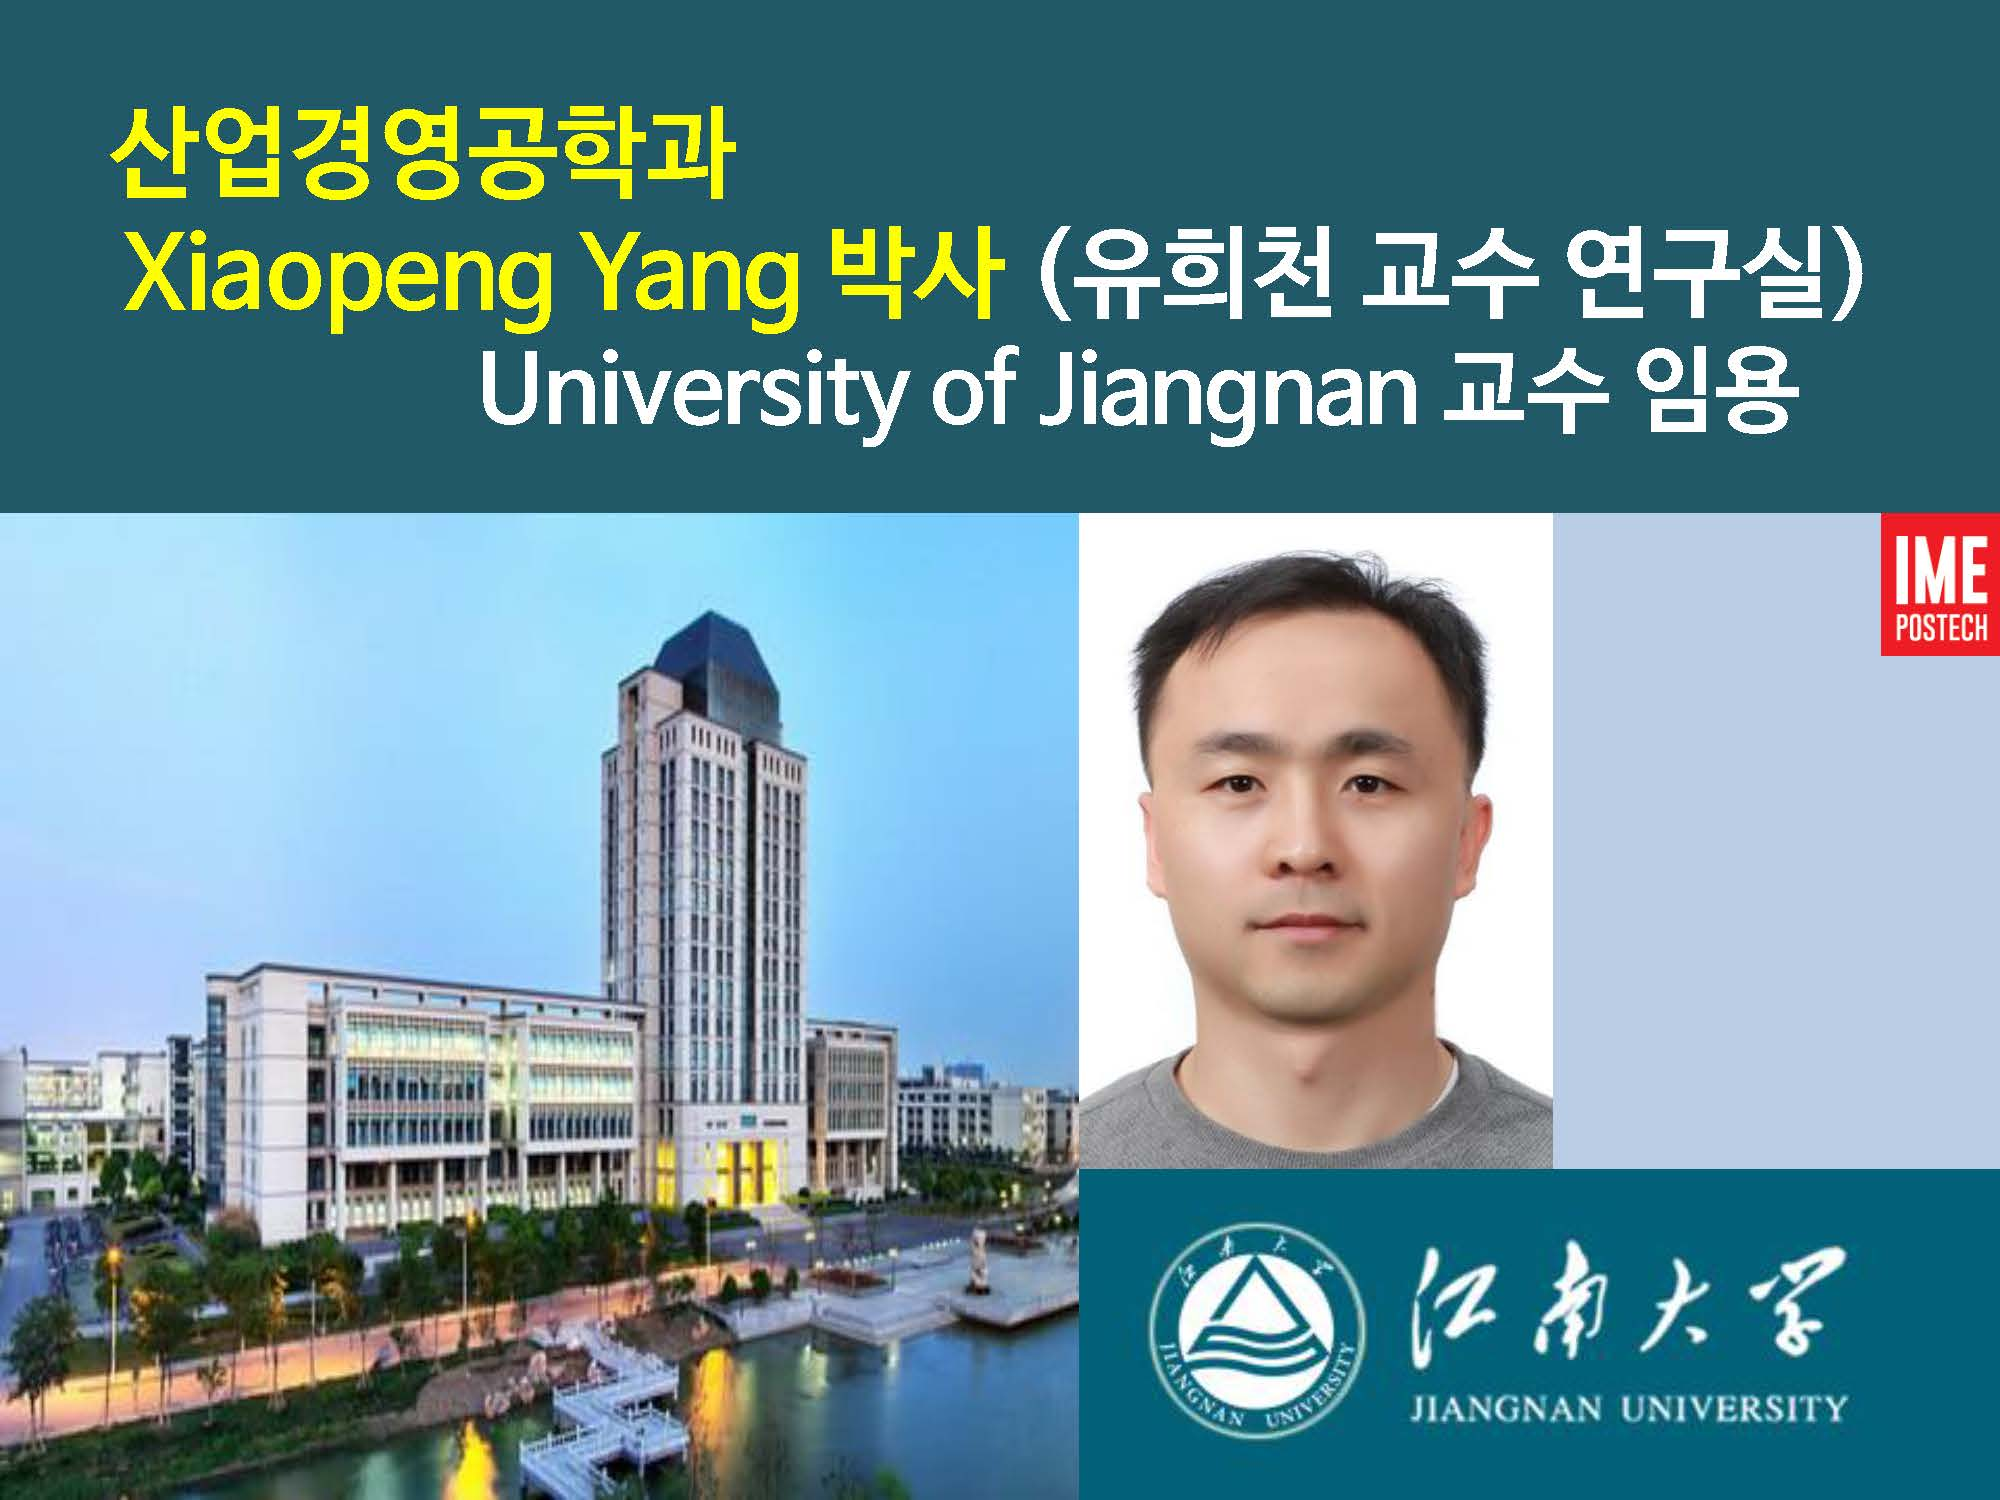 학과 게시판용_20190131_Xiaopeng Yang 박사